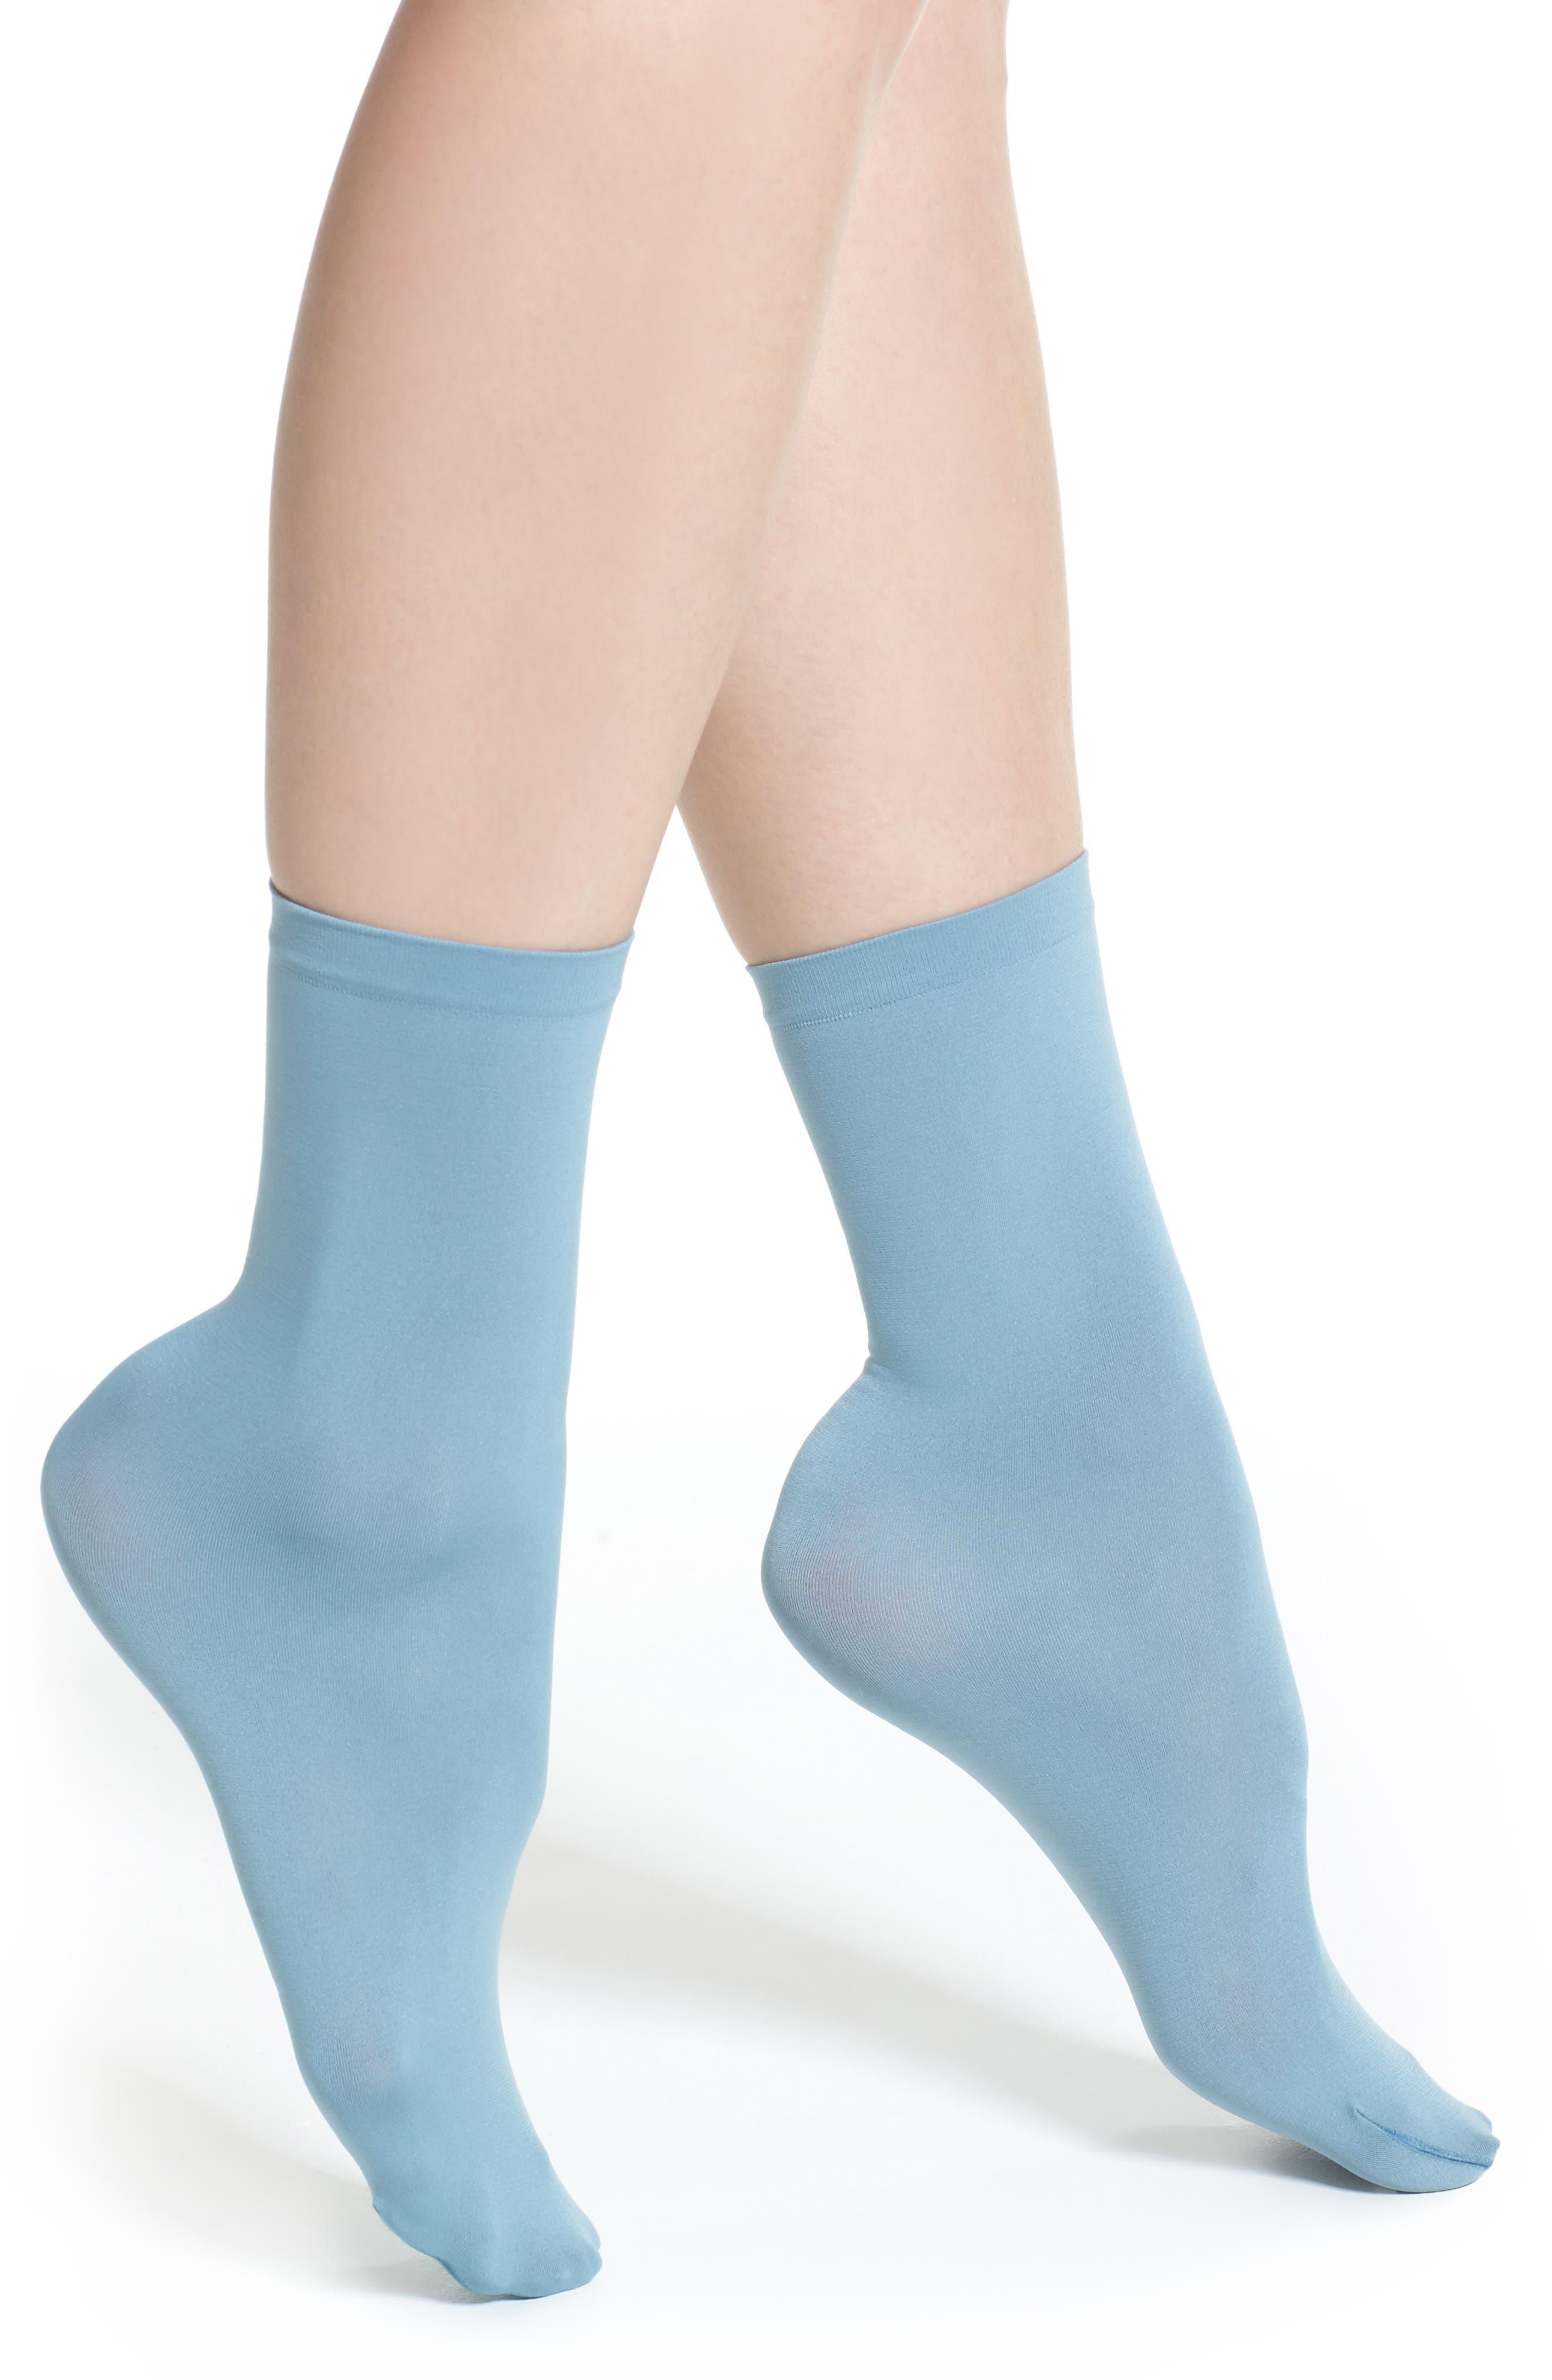 Velvet 66 Trouser Socks,                             Main thumbnail 1, color,                             HORIZON